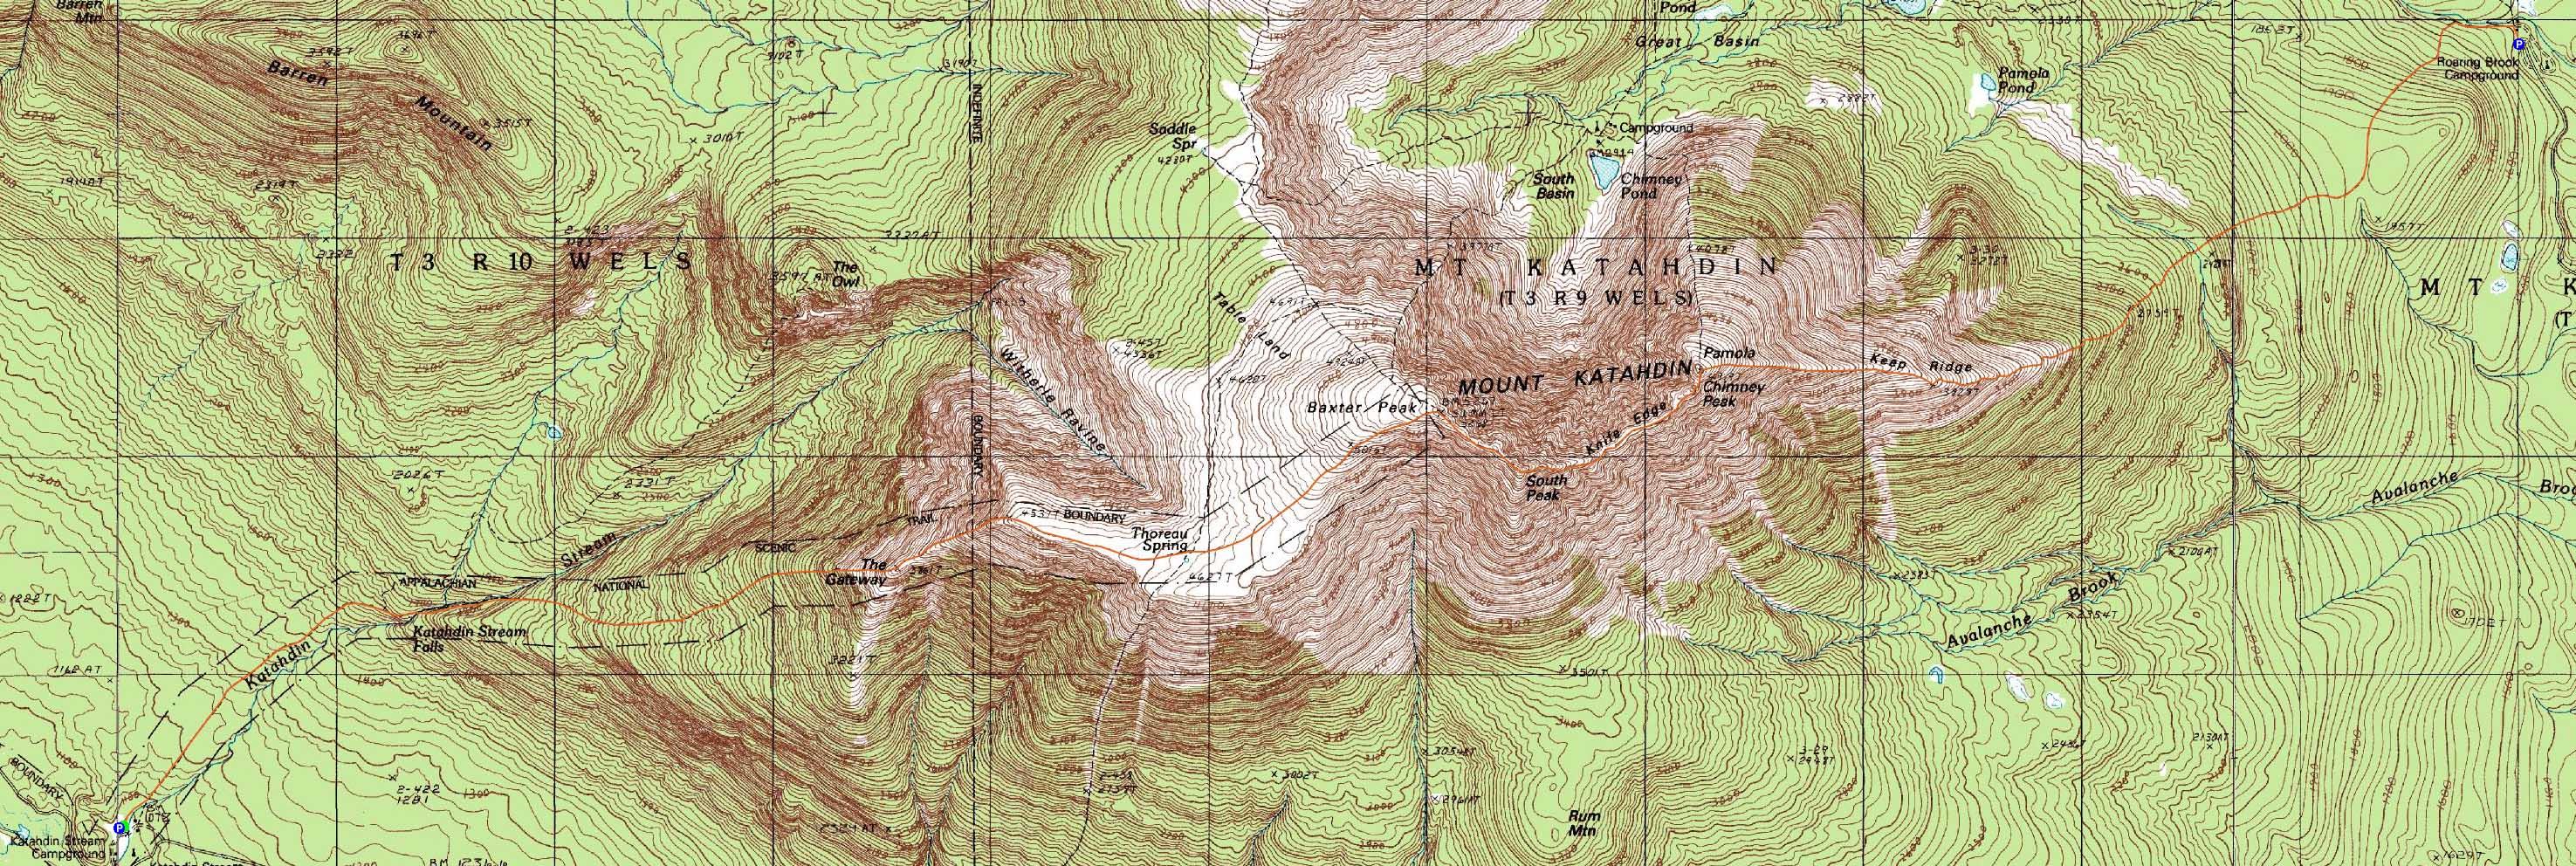 Mt. Katahdin (Baxter Peak), Mt. Katahdin (South Peak), Mt ...